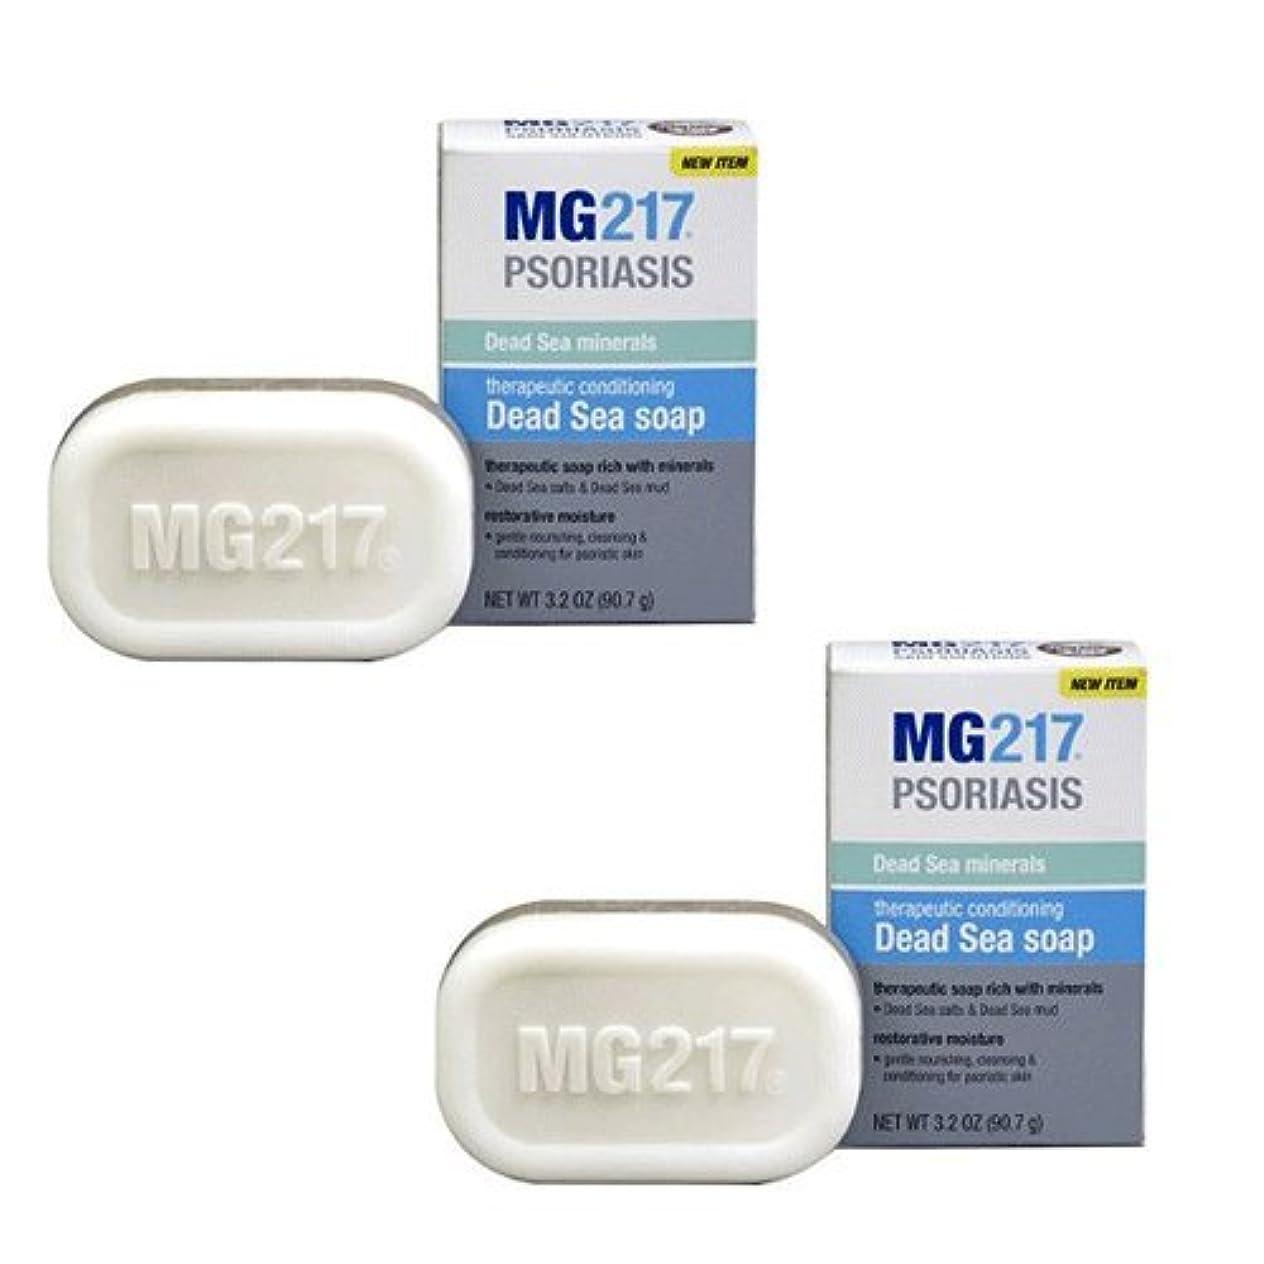 ランチョン唇ダルセット2個セット 死海の泥とミネラルたっぷり MG217ソープ 90g MG217 Psoriasis Therapeutic Conditioning Dead Sea Bar Soap